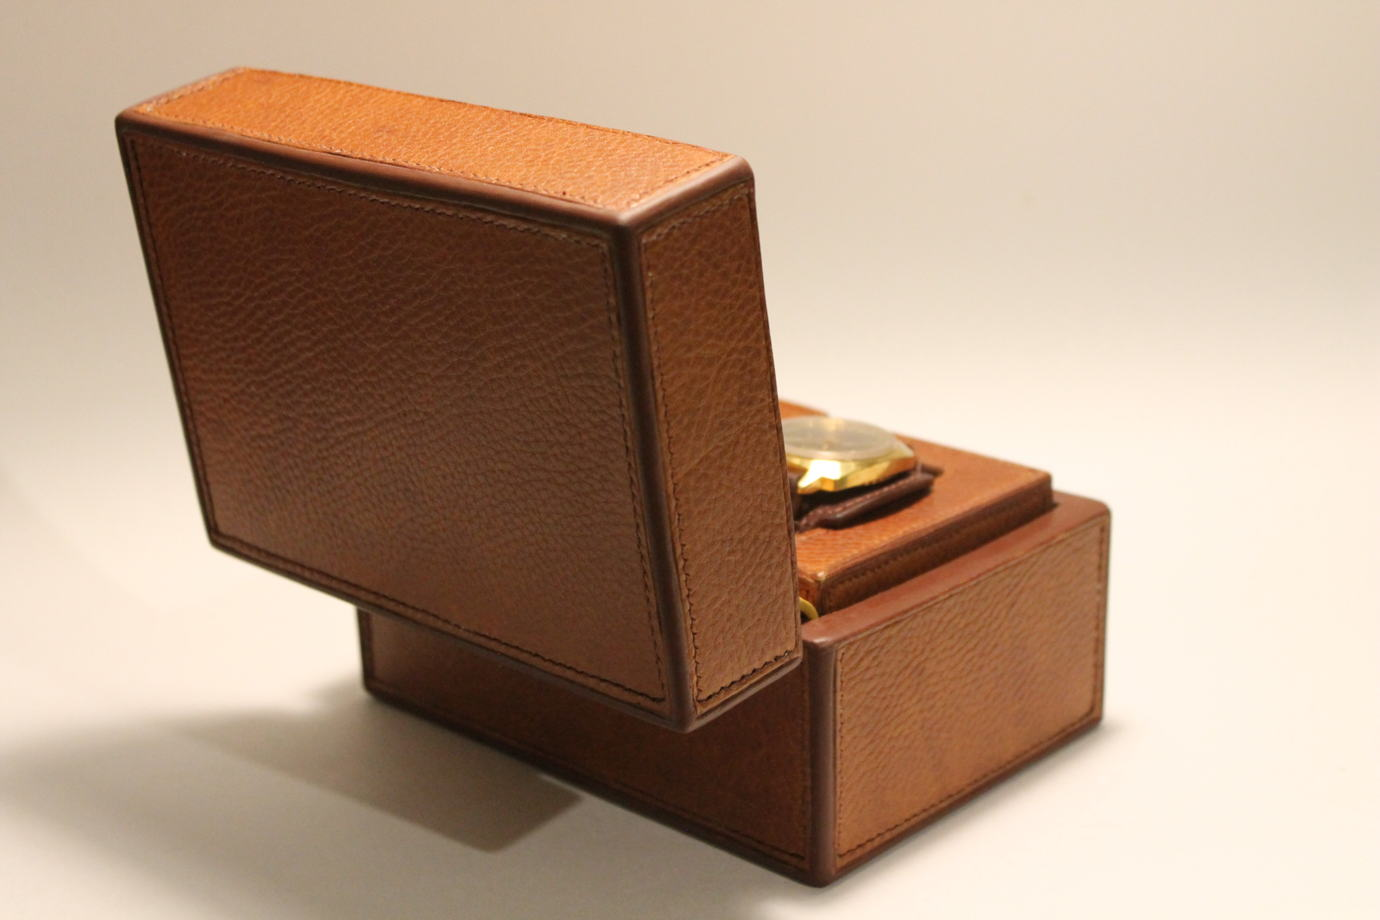 Кожаная коробка для хранения мелких вещей, часов (на заказ)